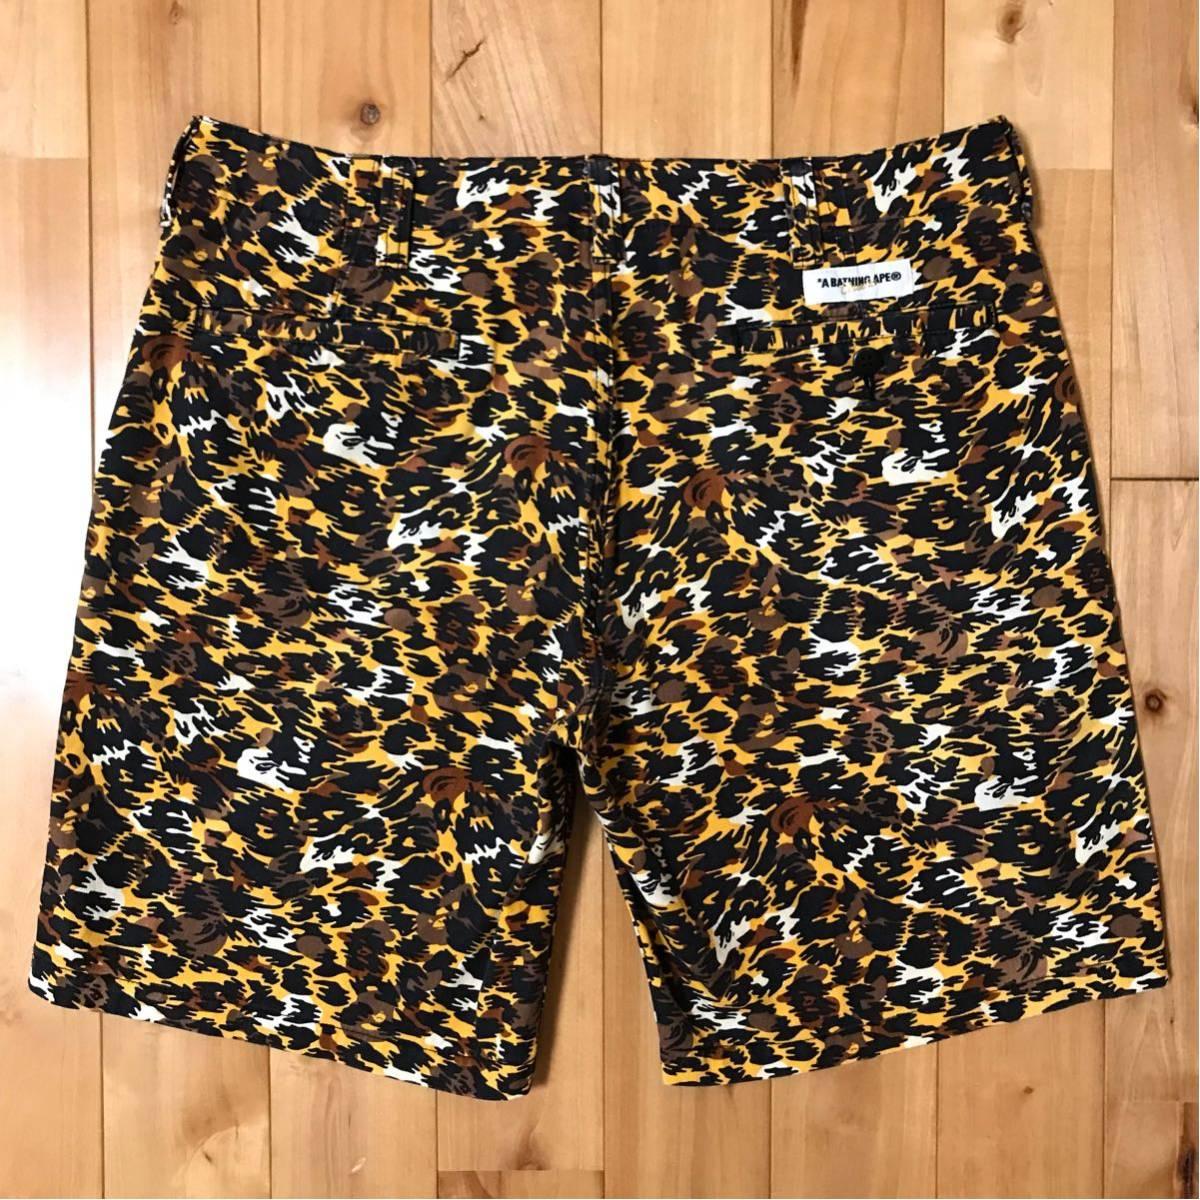 レオパードカモ ハーフパンツ Lサイズ a bathing ape BAPE camo shorts ショーツ 豹柄 ヒョウ柄 エイプ ベイプ アベイシングエイプ nigo